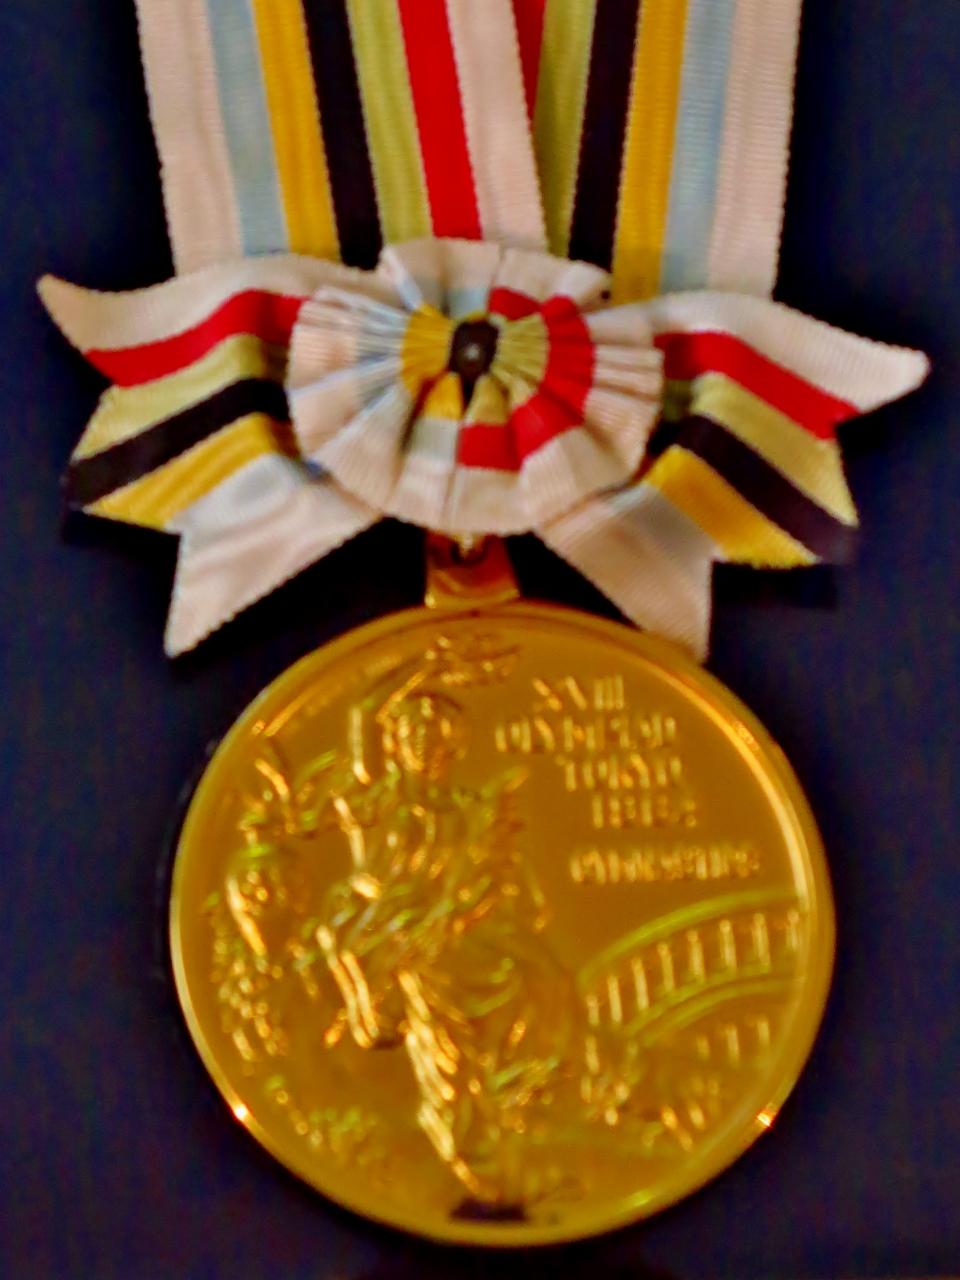 スポーツ博物館 東京オリンピック1964の金メダル ☆国体・世界大会の記念品など